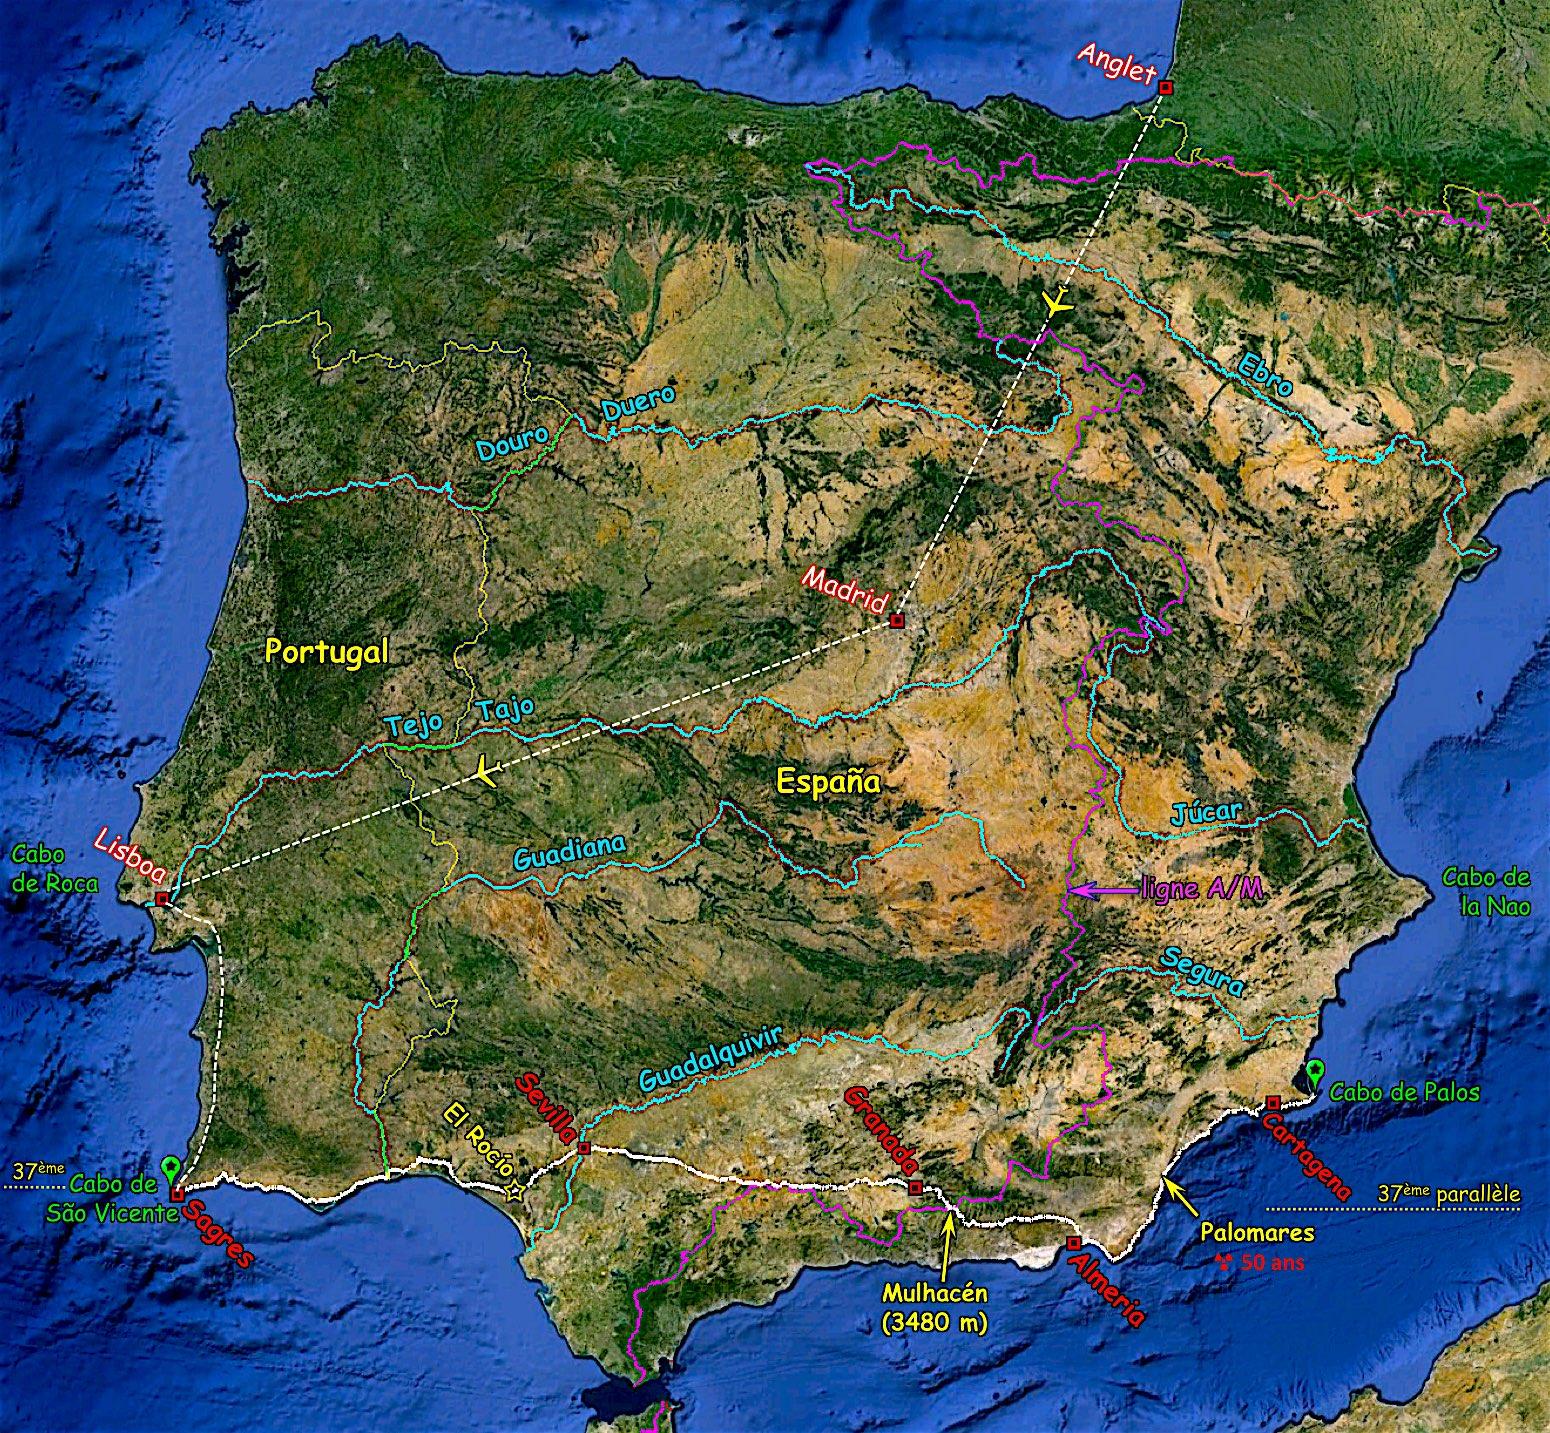 Anglet > Lisboa > Sagres > Sevilla > Granada > Almería > Palomares > Cartagena